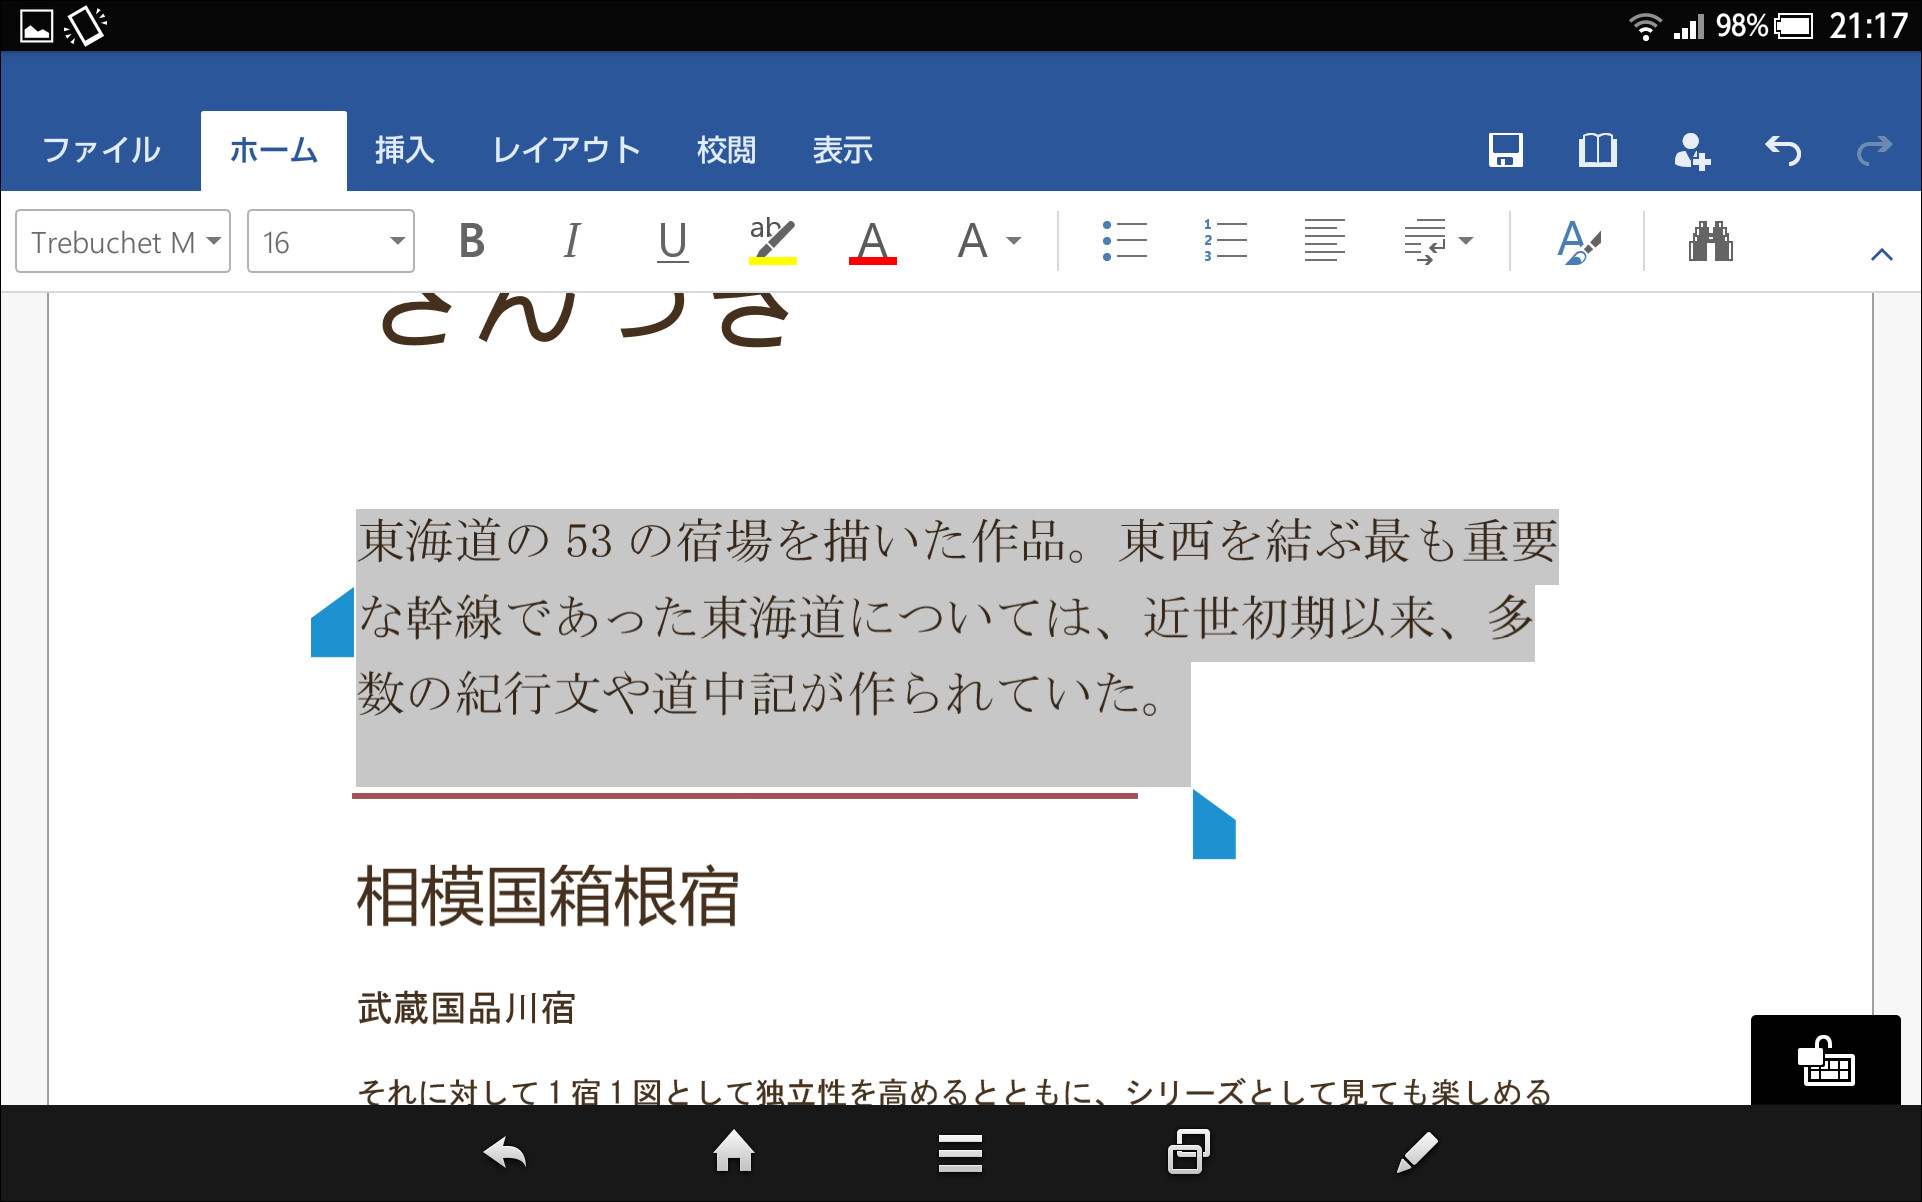 テキストを選択して、フォントの種類やサイズなどの書式を設定できる